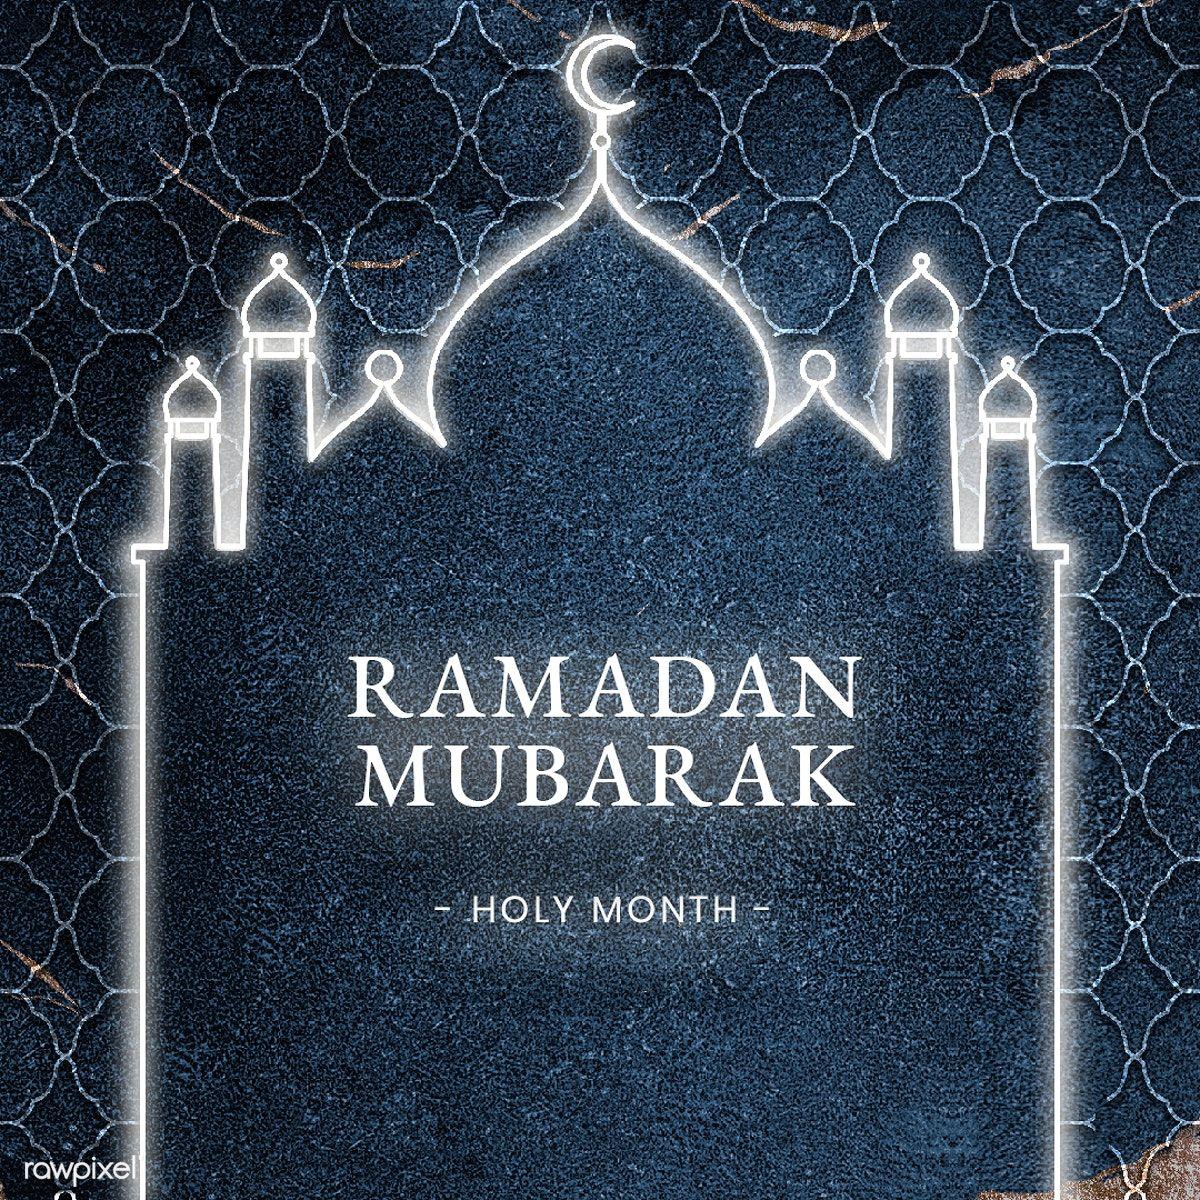 Festive Ramadan Mubarak Blessing Card Template Free Image By Rawpixel Com Katie In 2020 Ramadan Mubarak Ramadan Eid Mubarak Greeting Cards